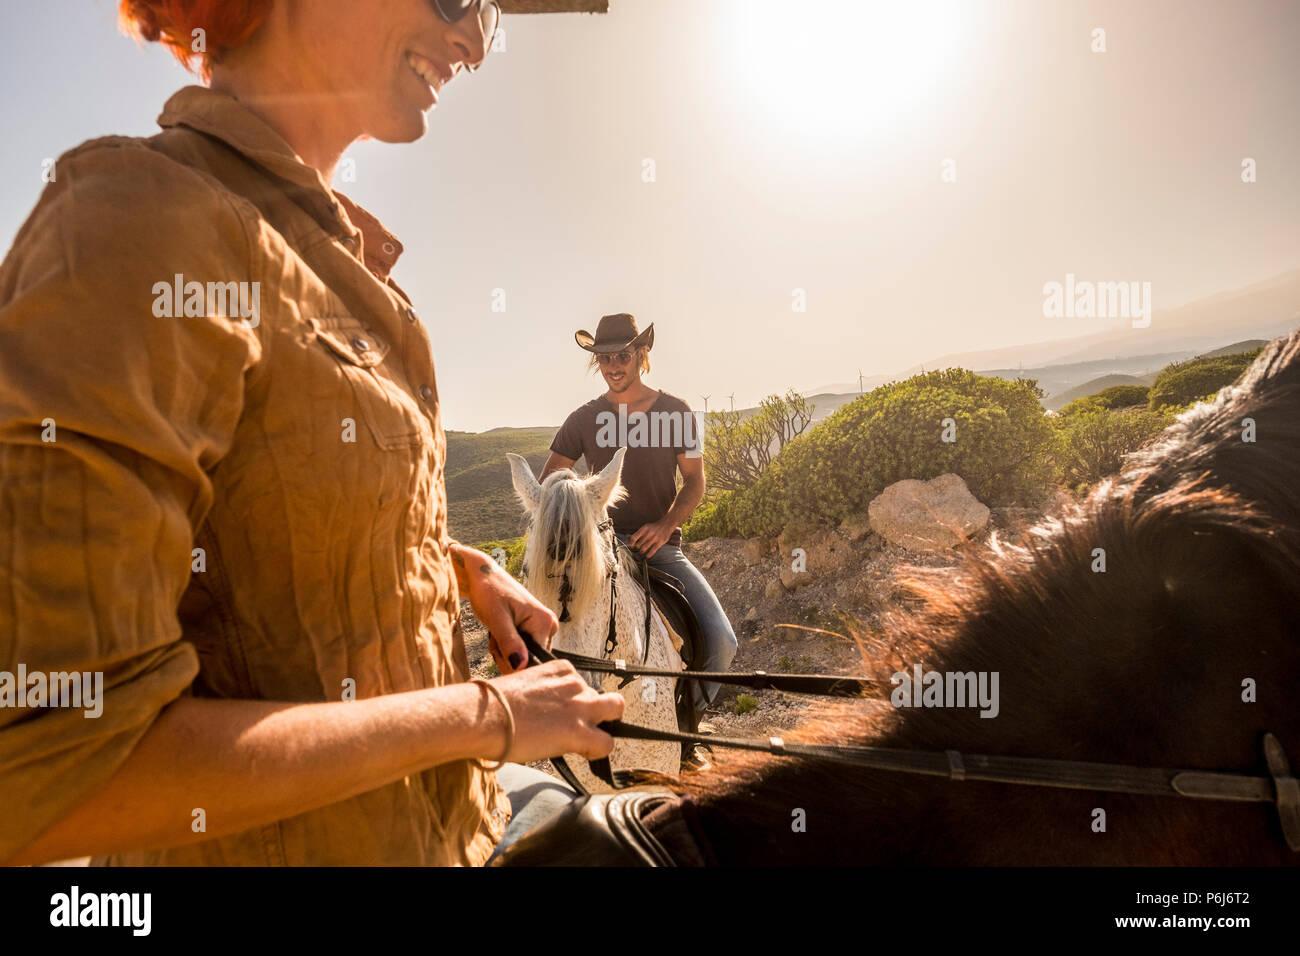 Beau Portrait couple cowboys monter des chevaux dans le vent ladscape lieu pittoresque. femme et homme ensemble s'amuser avec l'ergothérapie et smil apprécier le coucher du soleil. Banque D'Images